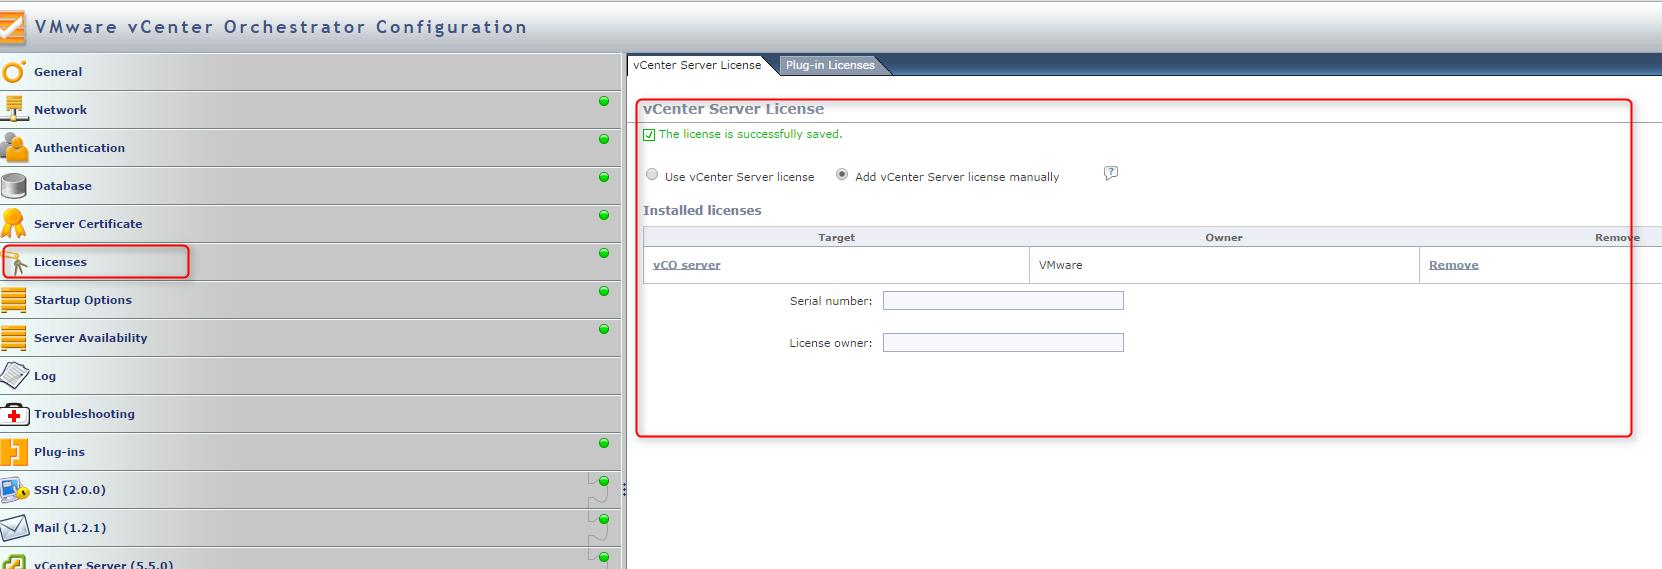 vco vcenter server license